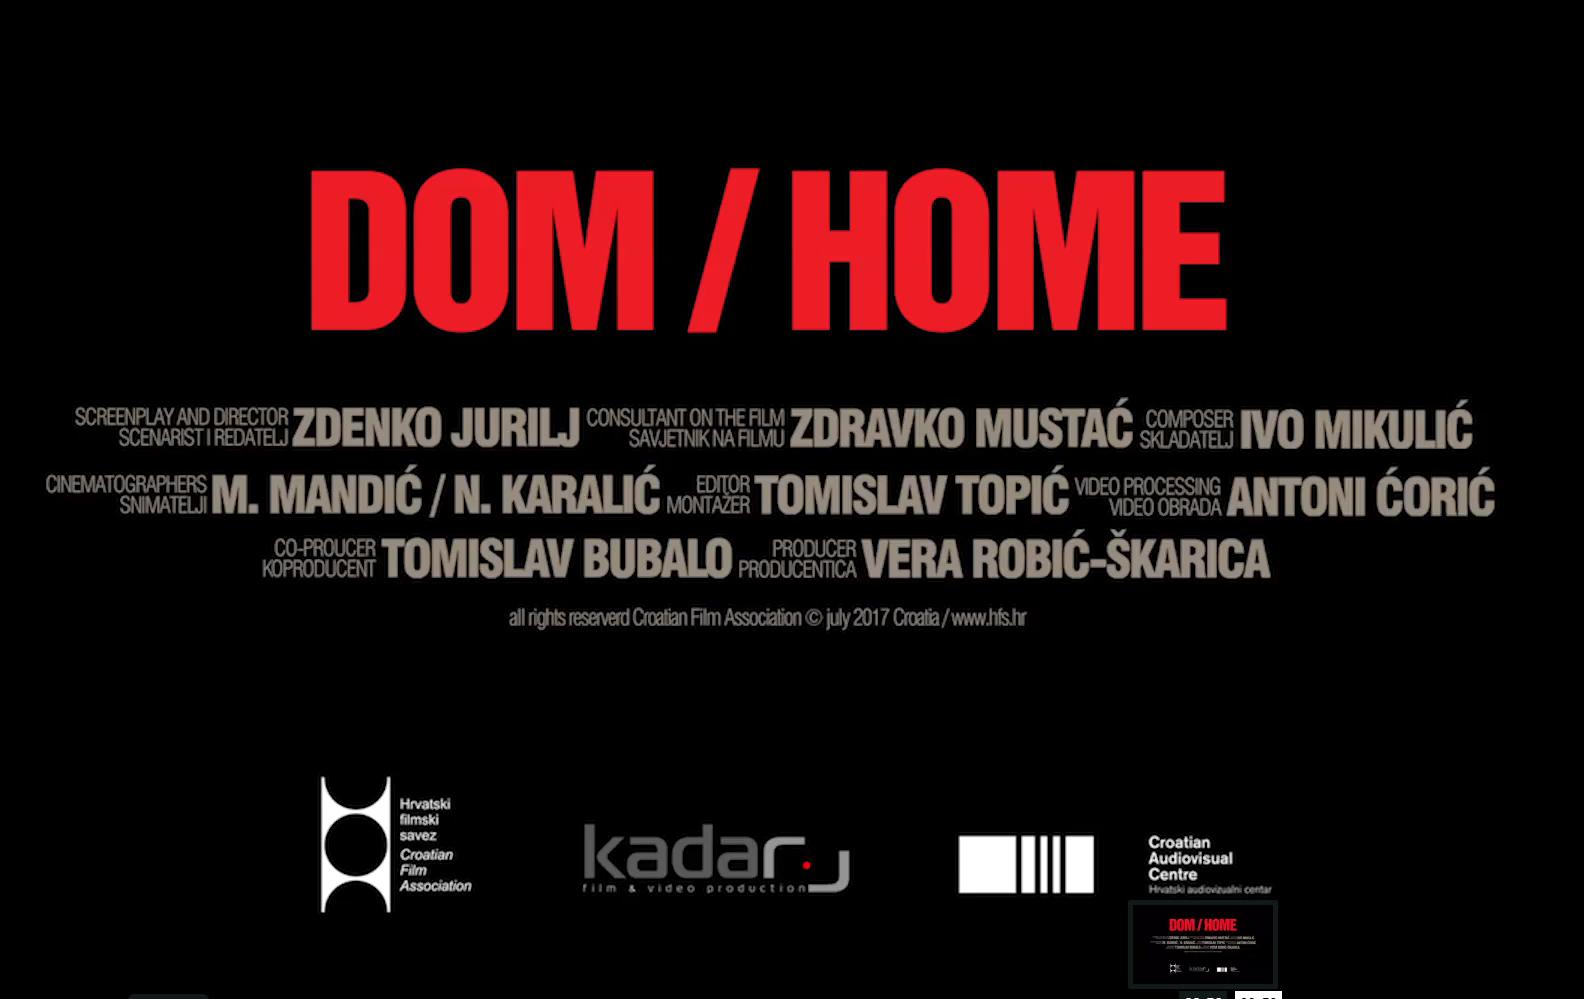 Peru: Juriljev film DOM osvojio nagradu u Peruu